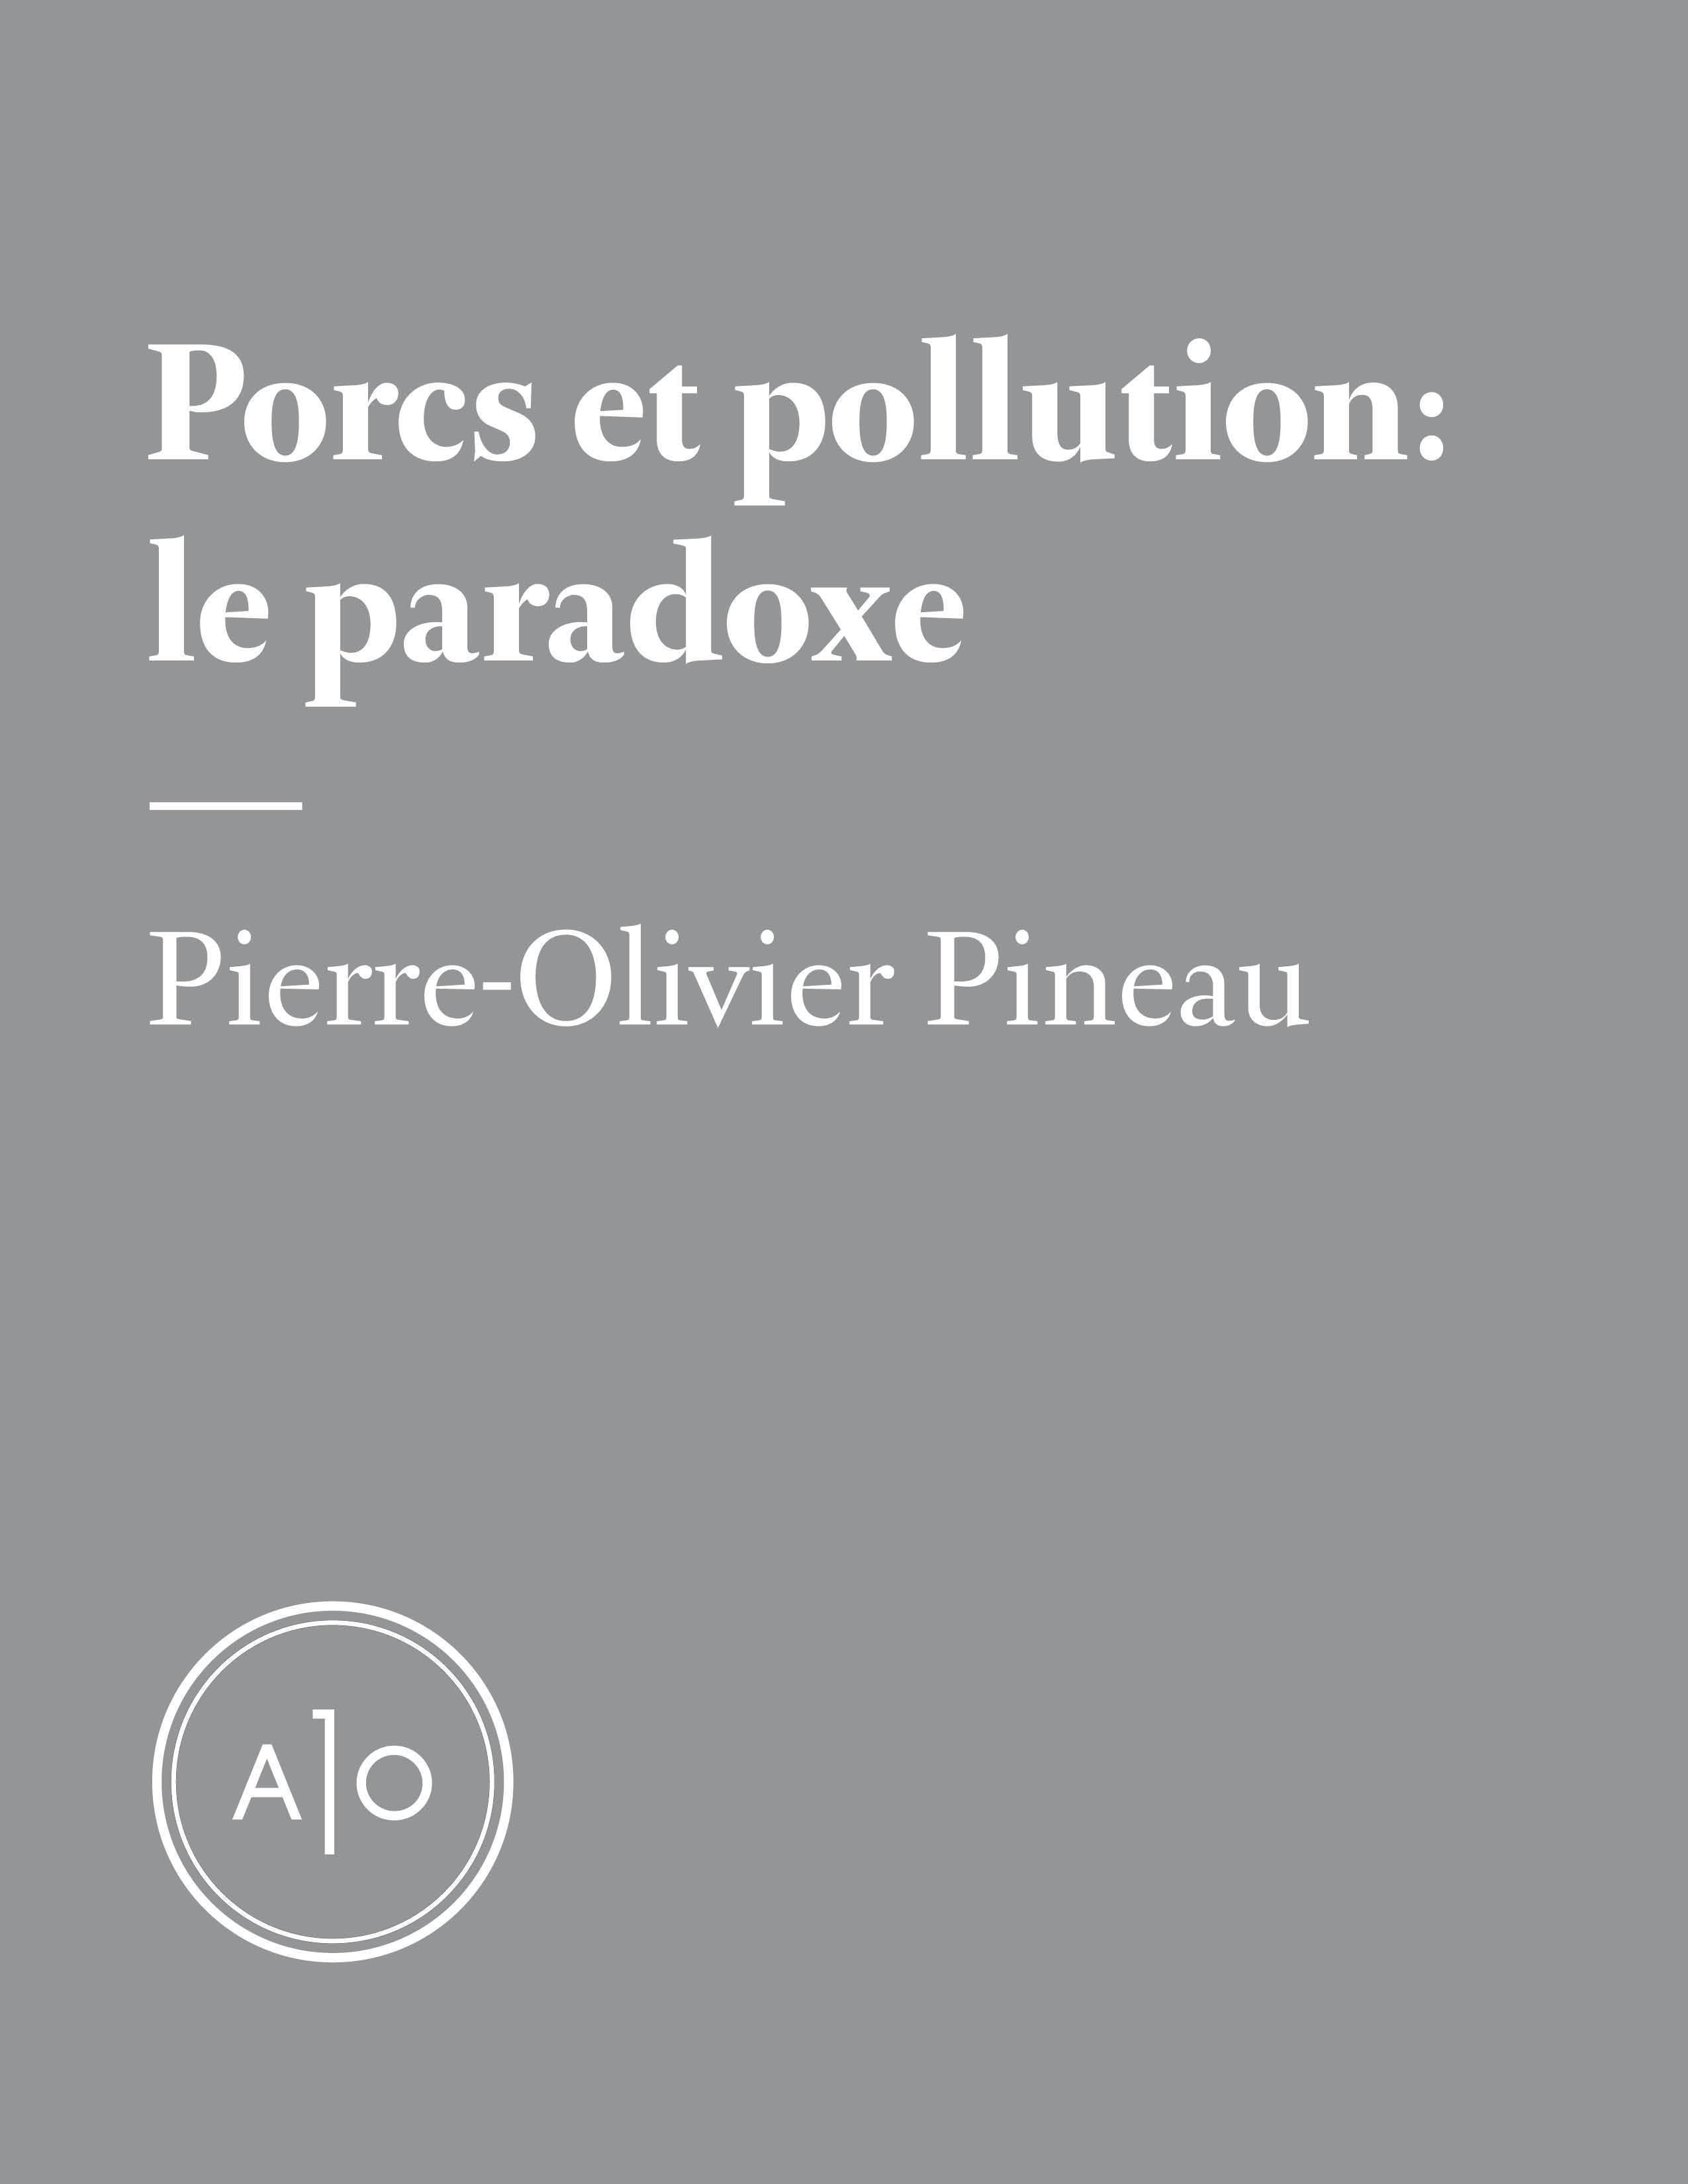 Porcs et pollution : le paradoxe